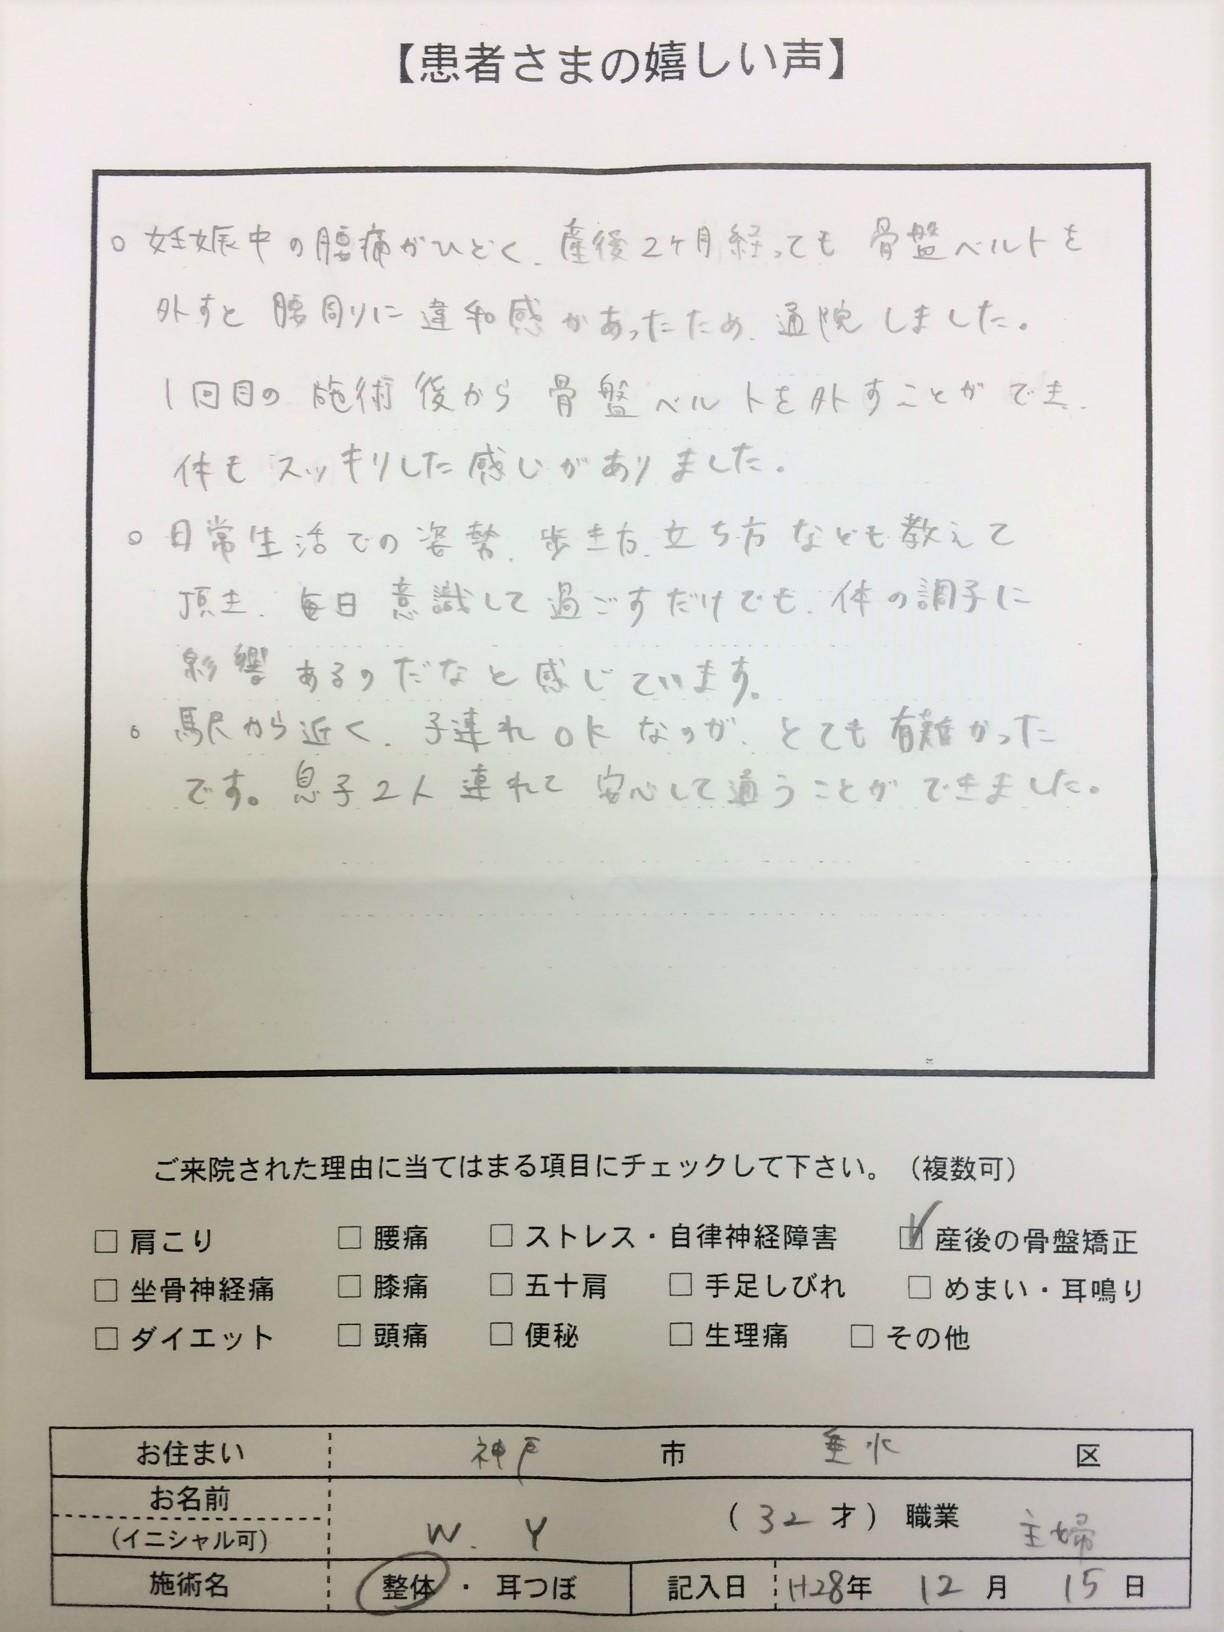 産後骨盤矯正⑰神戸市垂水区 W.Y様 32才 主婦.jpg